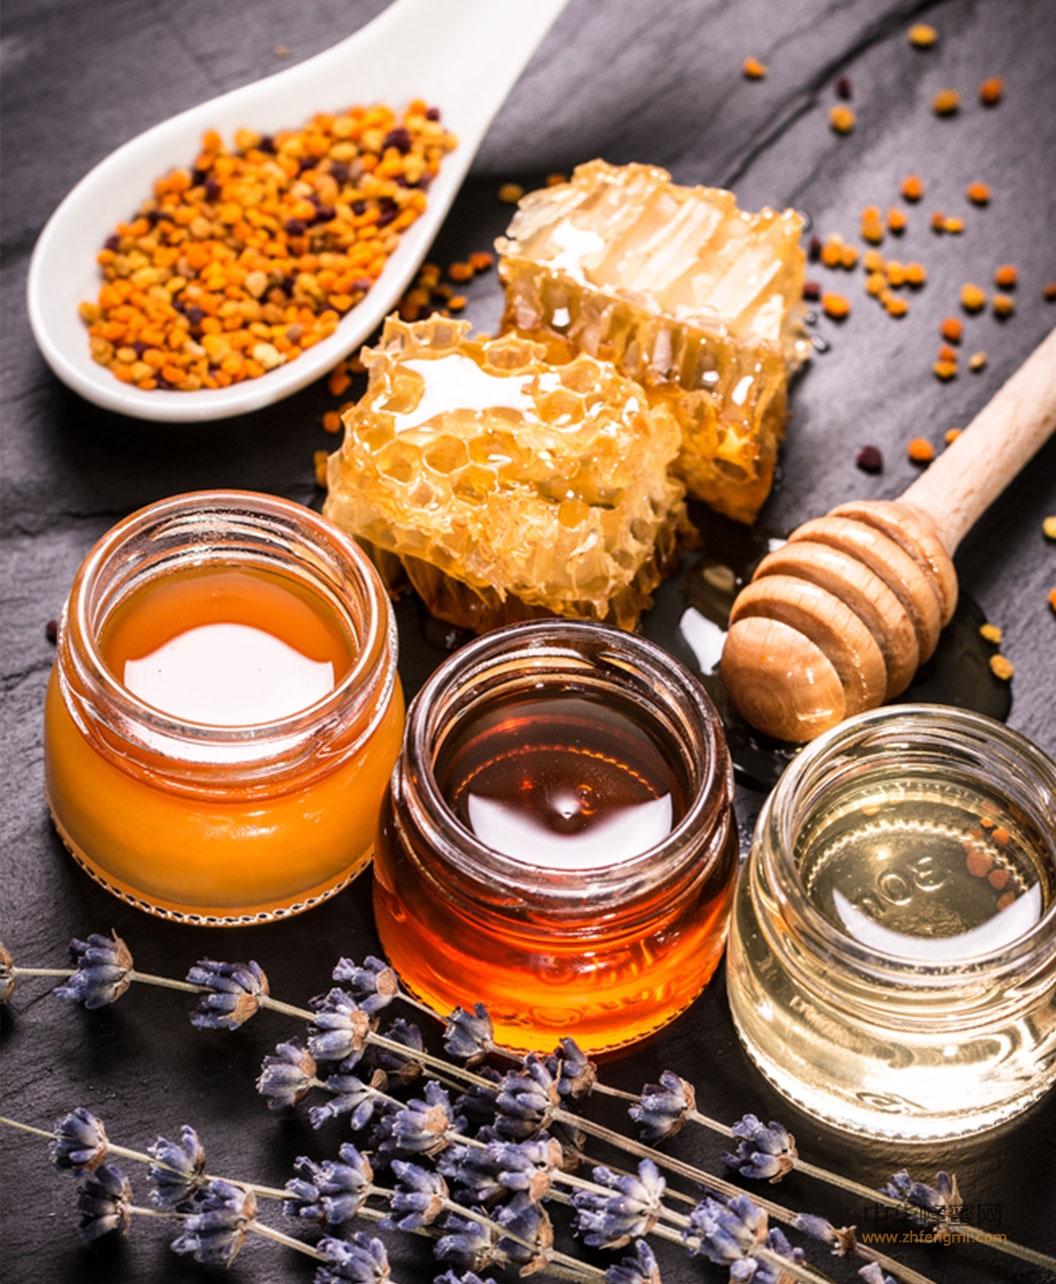 【孕妇能喝蜂蜜吗】_蜂蜜猪油治手足皲裂